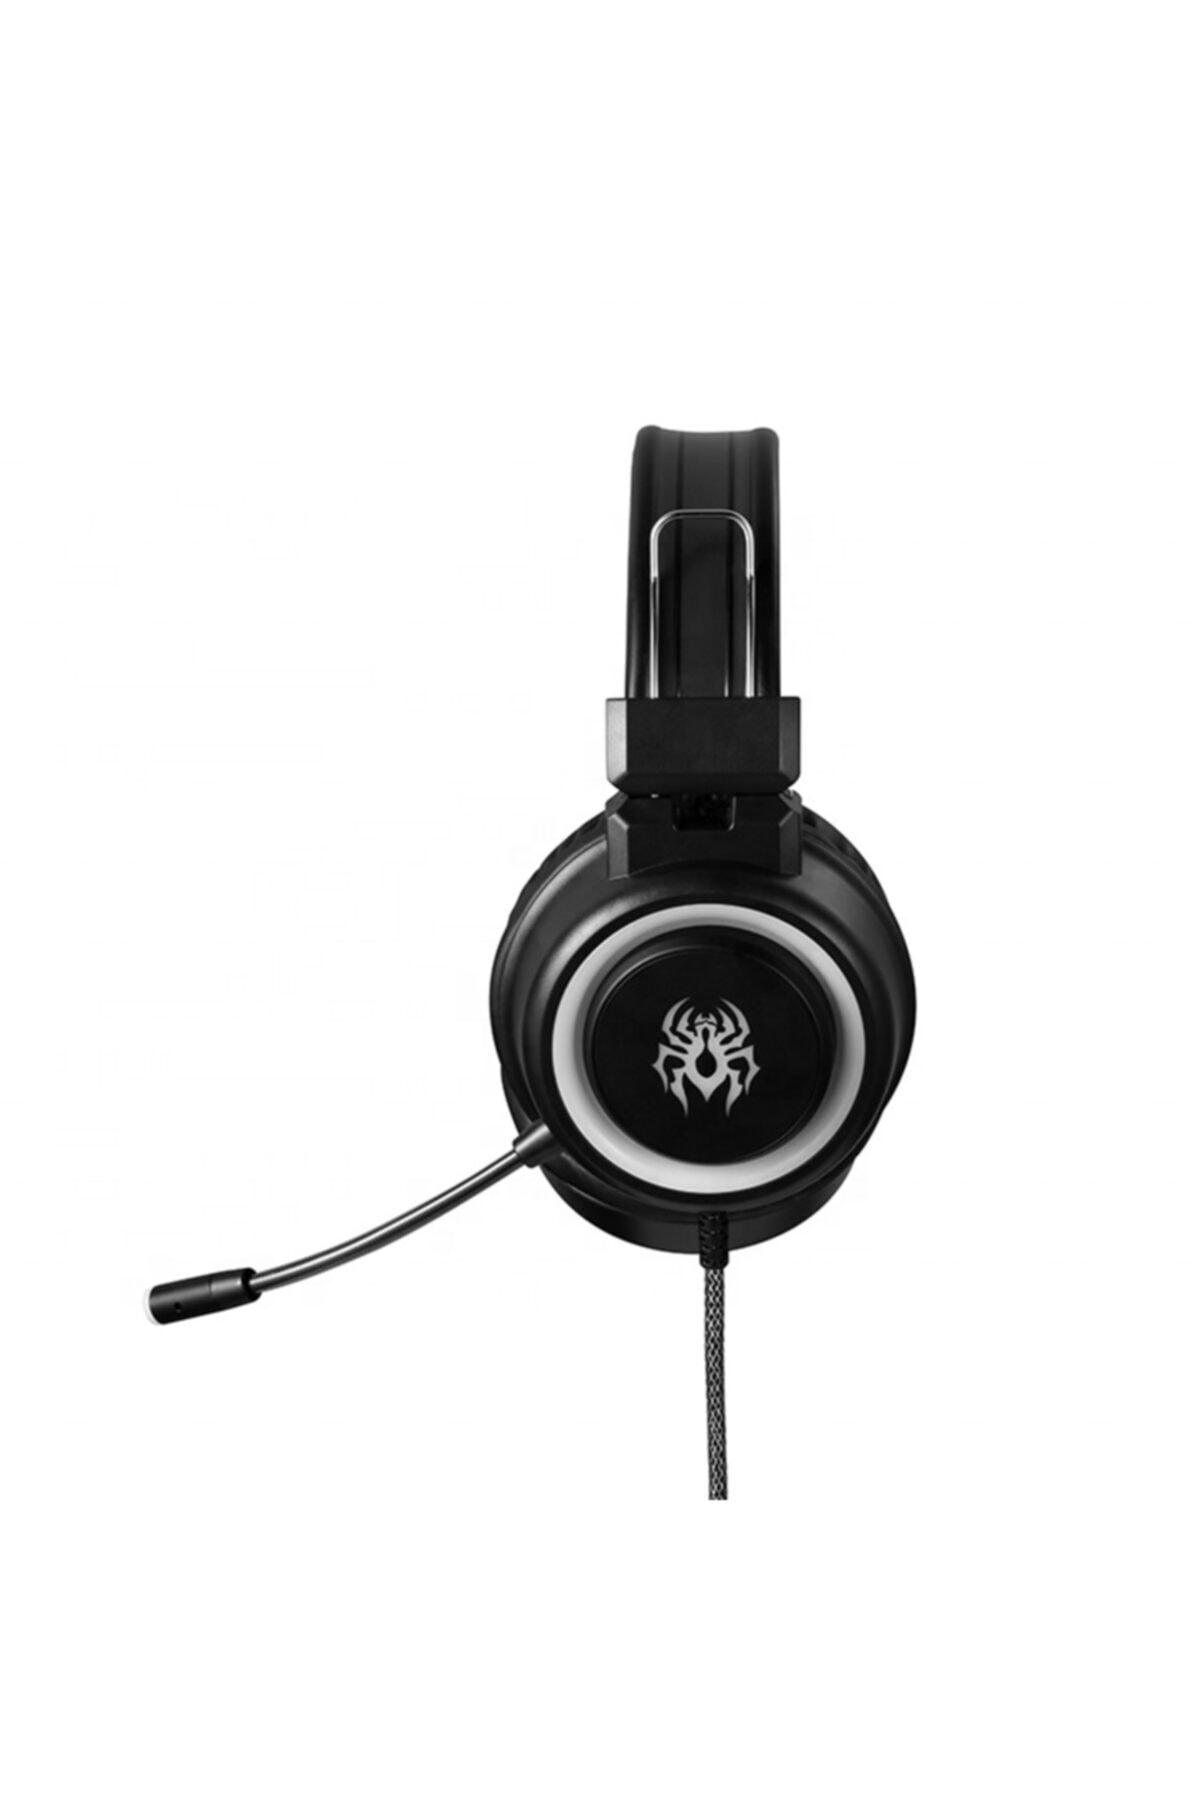 OWWOTECH Yoro V5 Profesyonel Oyuncu Kulaklığı Rgb Kablolu Işıklı Mikrofonlu Kulaklık Usbli+3.5 Mm Jack 2